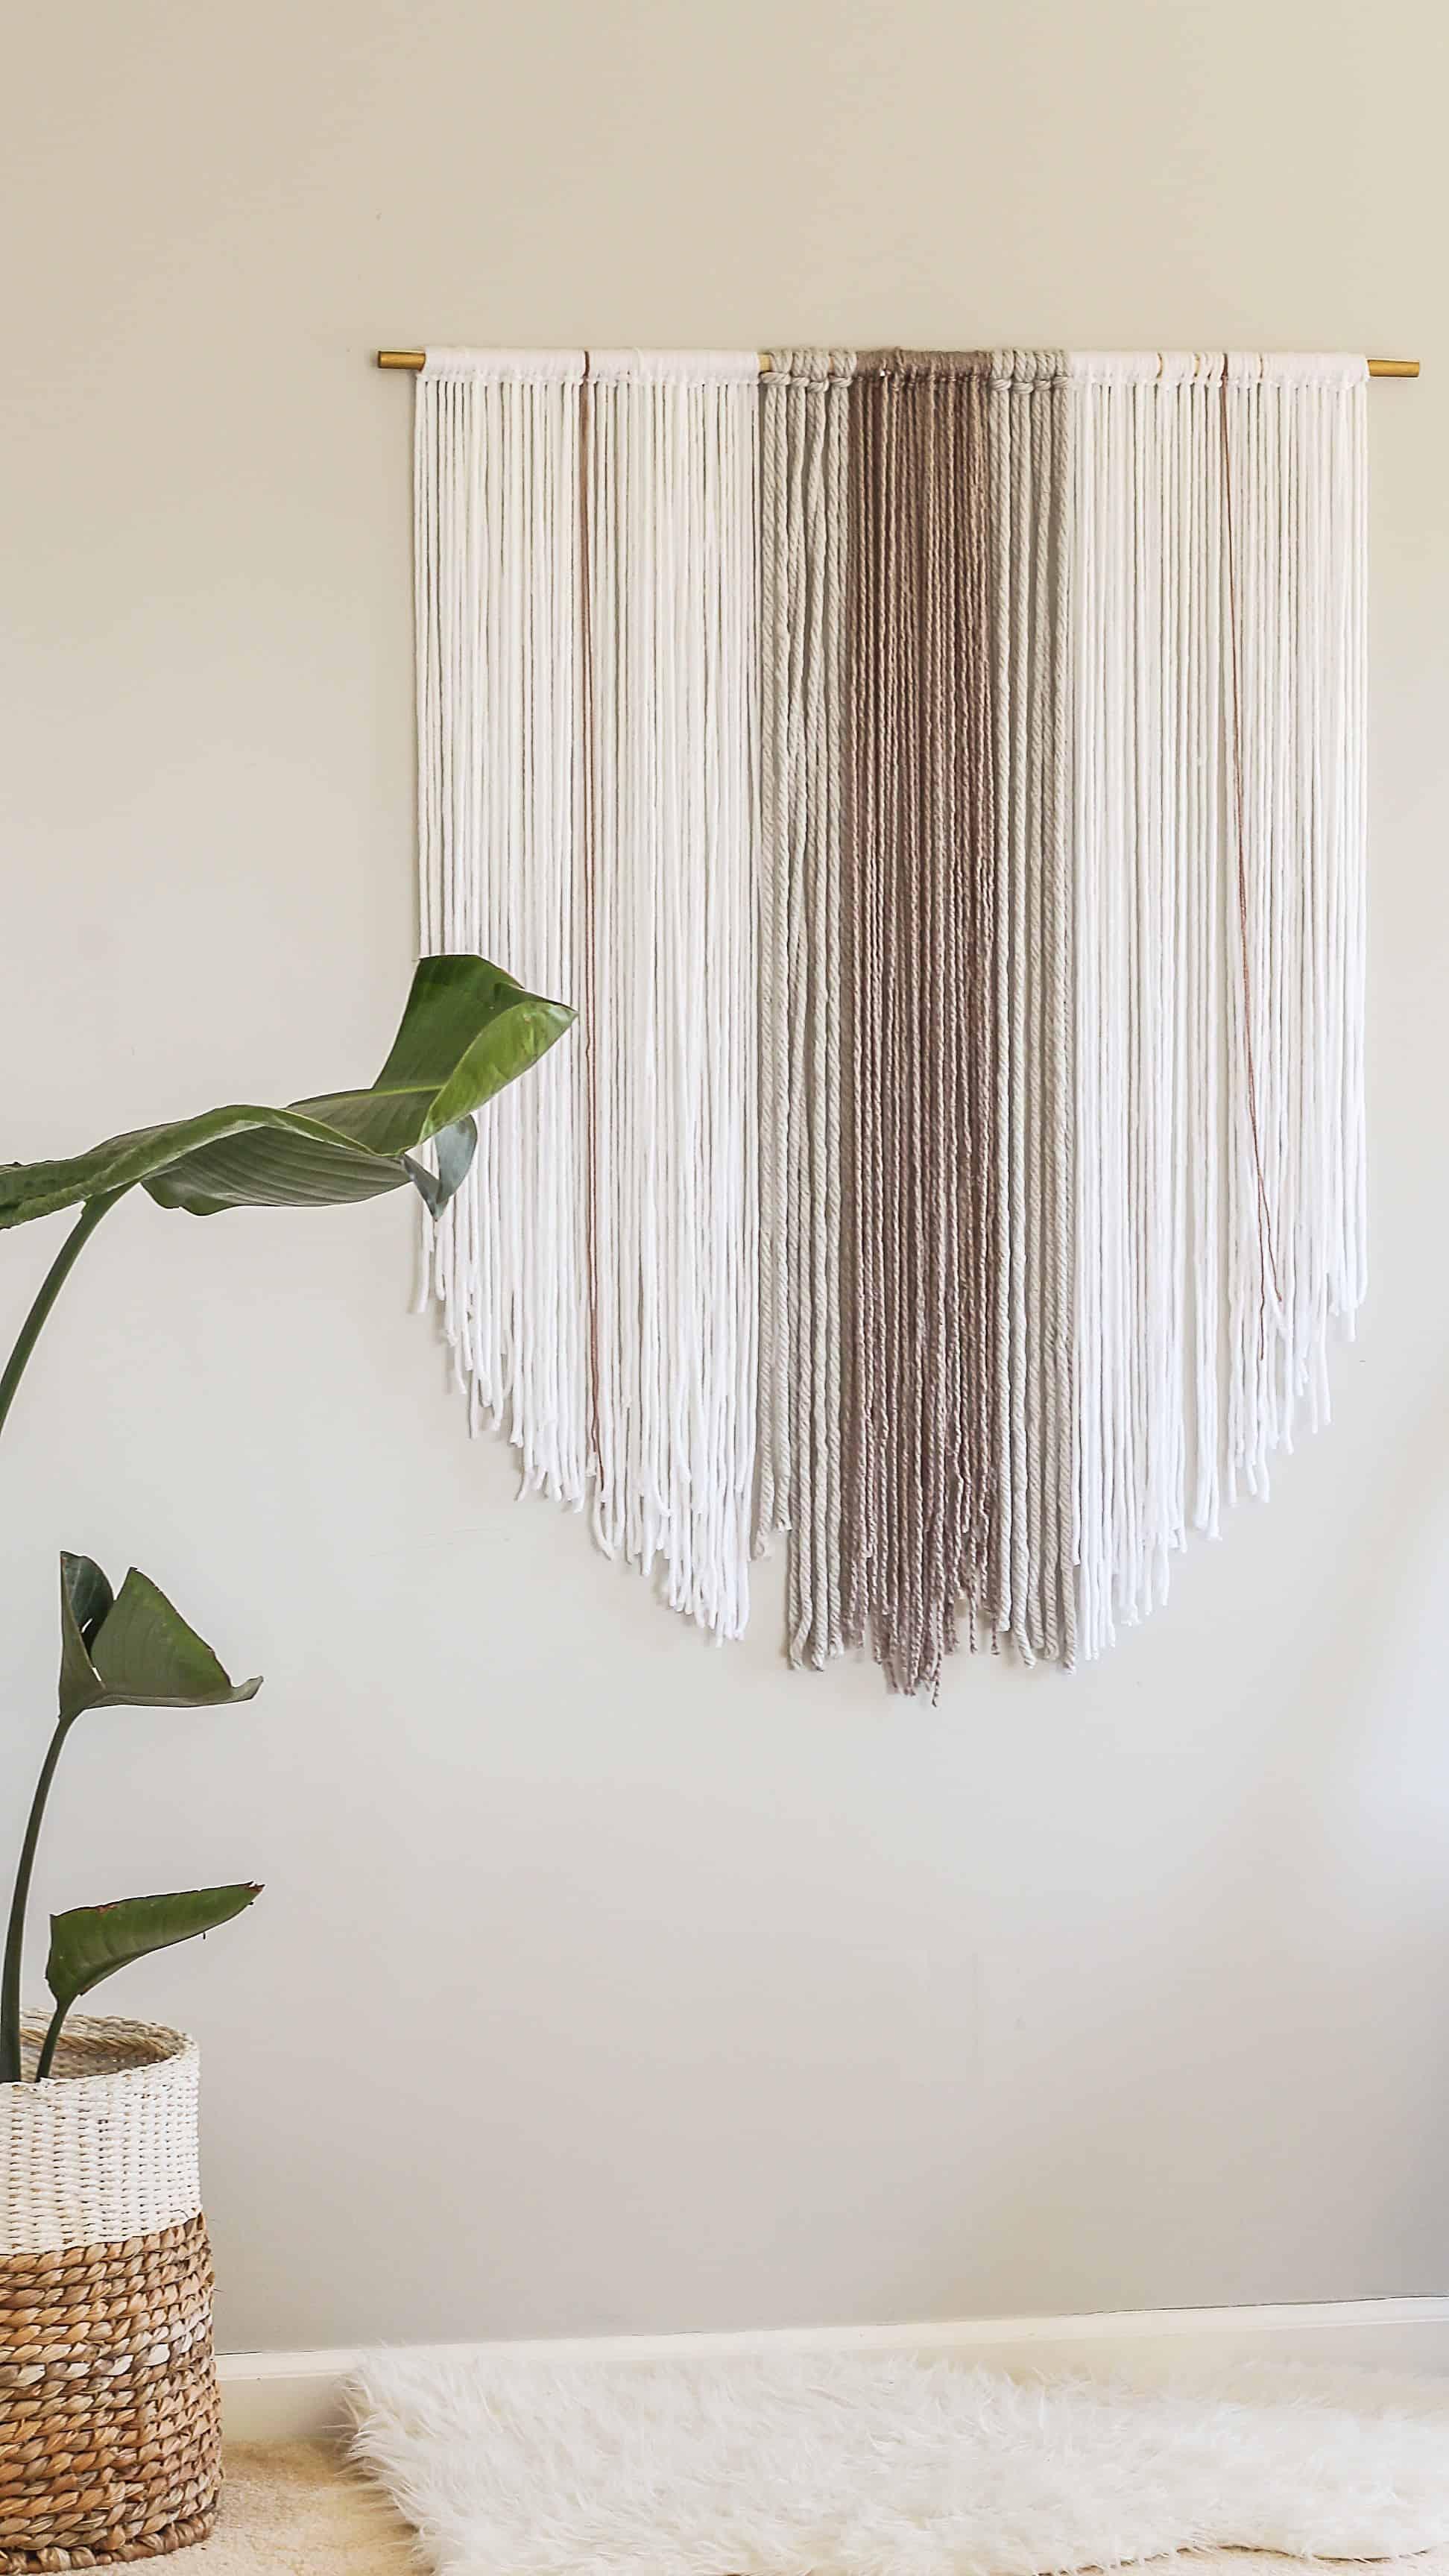 Diy yarn boho hanging